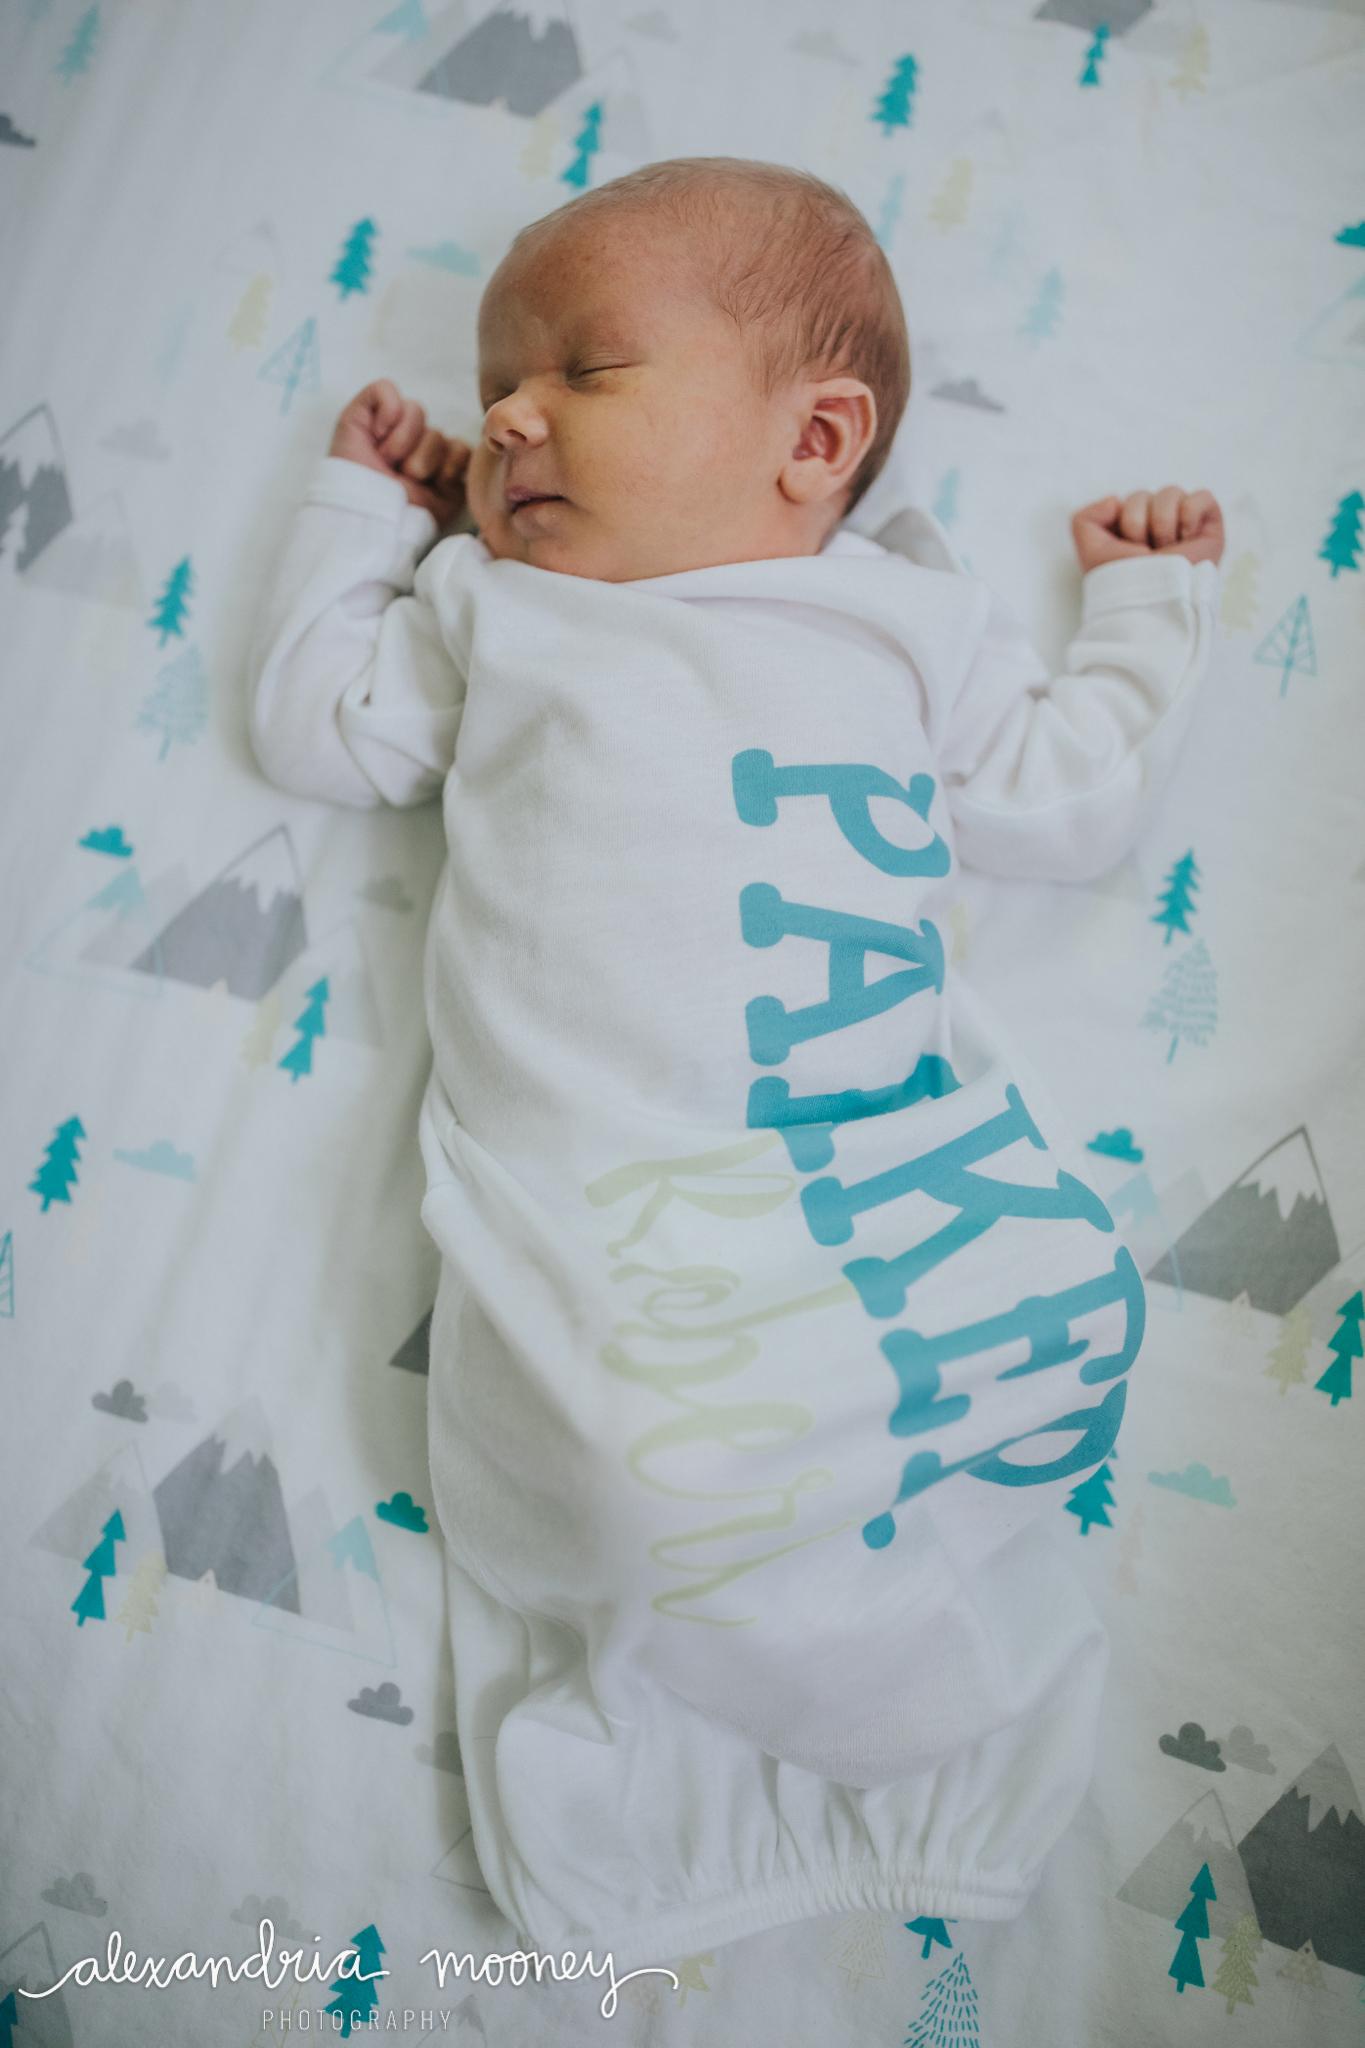 Parker_Newborn_Watermarked-1.jpg